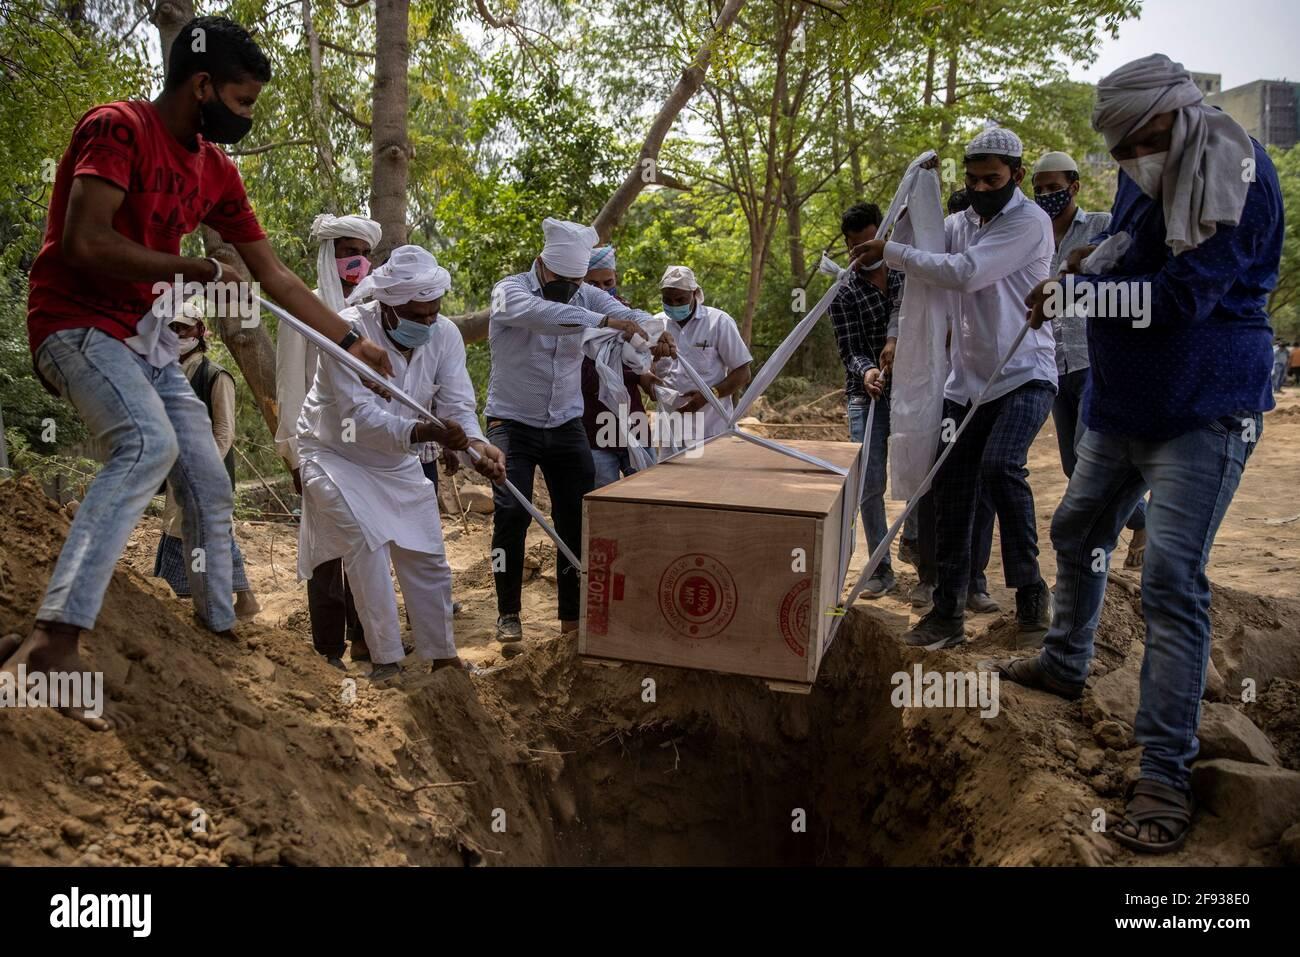 La gente seppellisce il corpo di un uomo, morto a causa della malattia del coronavirus (COVID-19), in un cimitero a Nuova Delhi, India, 16 aprile 2021. REUTERS/Danese Siddiqui Foto Stock